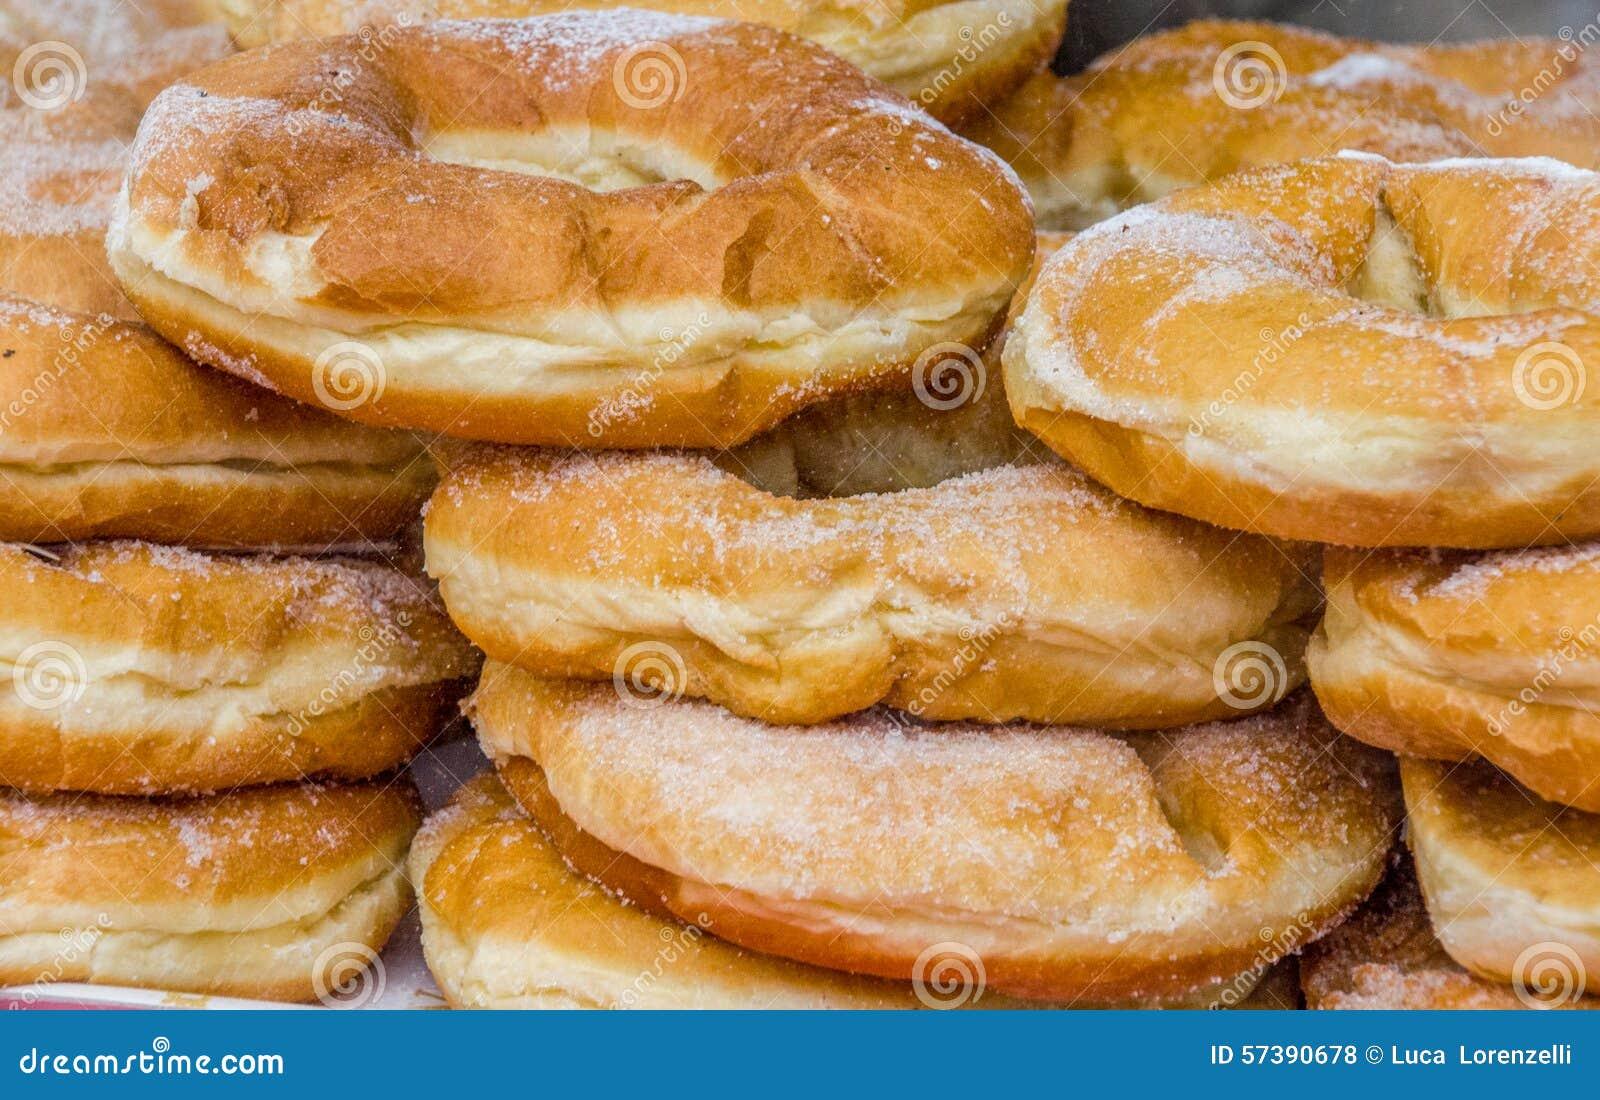 Gebraden gebakjes